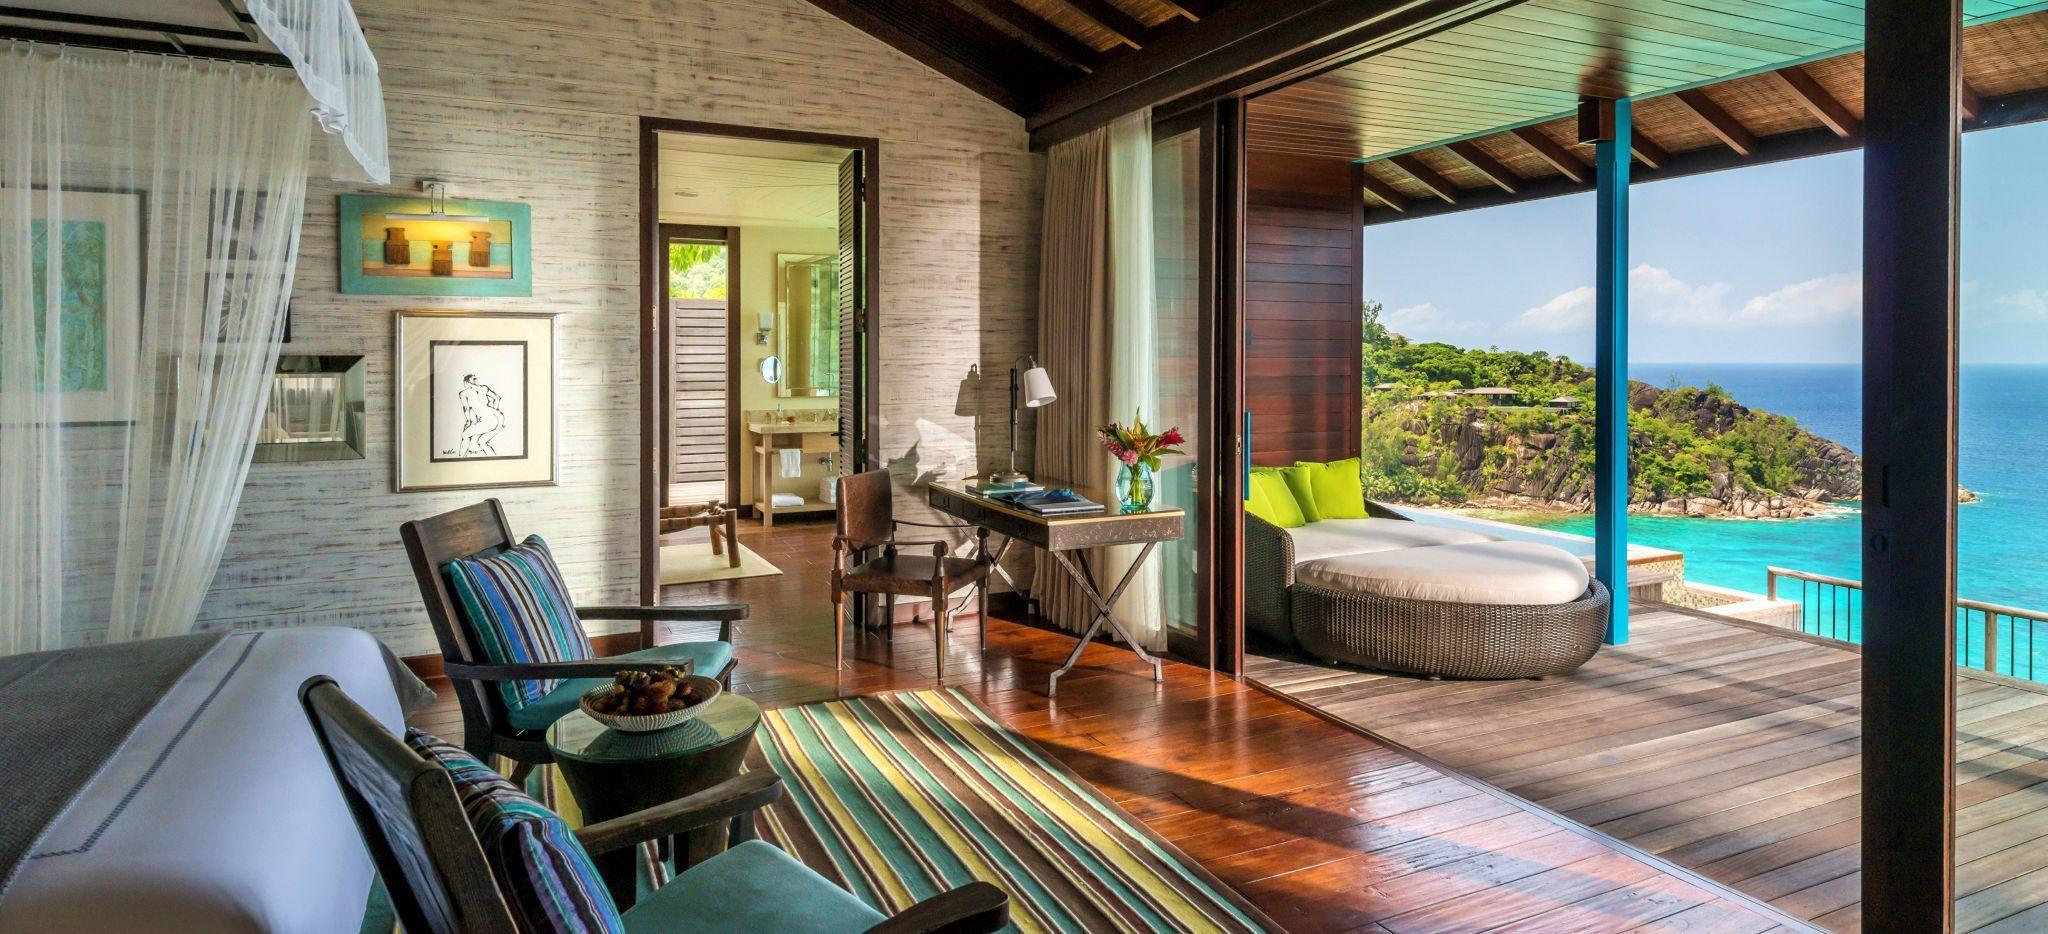 Ein luxuriöses Hotelzimmer mit Blick auf das offene Meer im Hotel Four Seasons Resort Seychelles